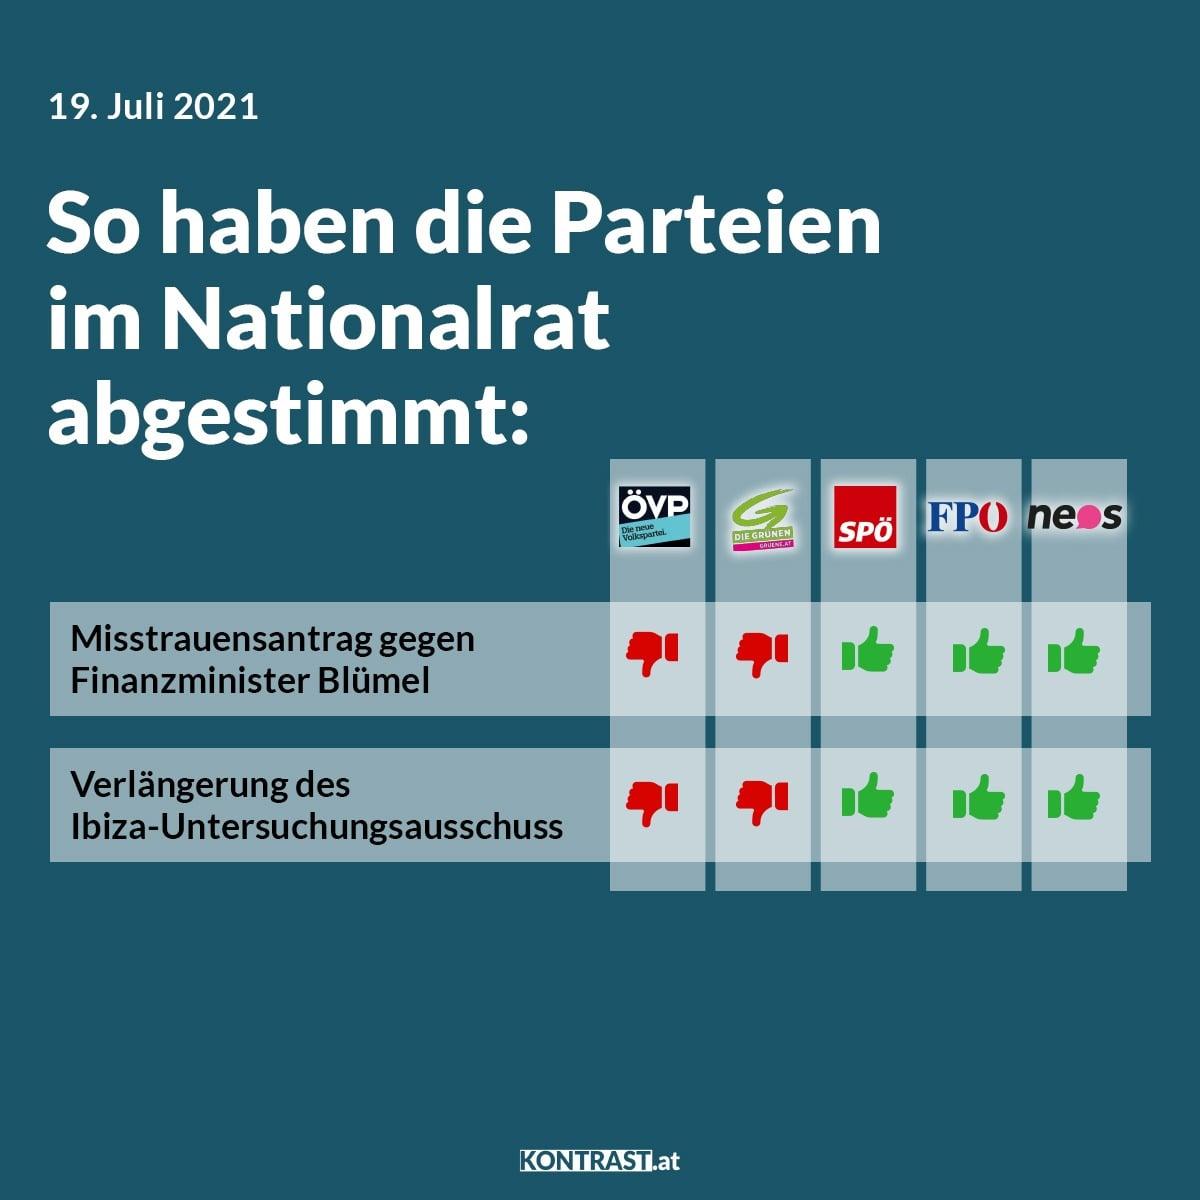 Abstimmungsverhalten im Nationalrat 19. Juli 2021